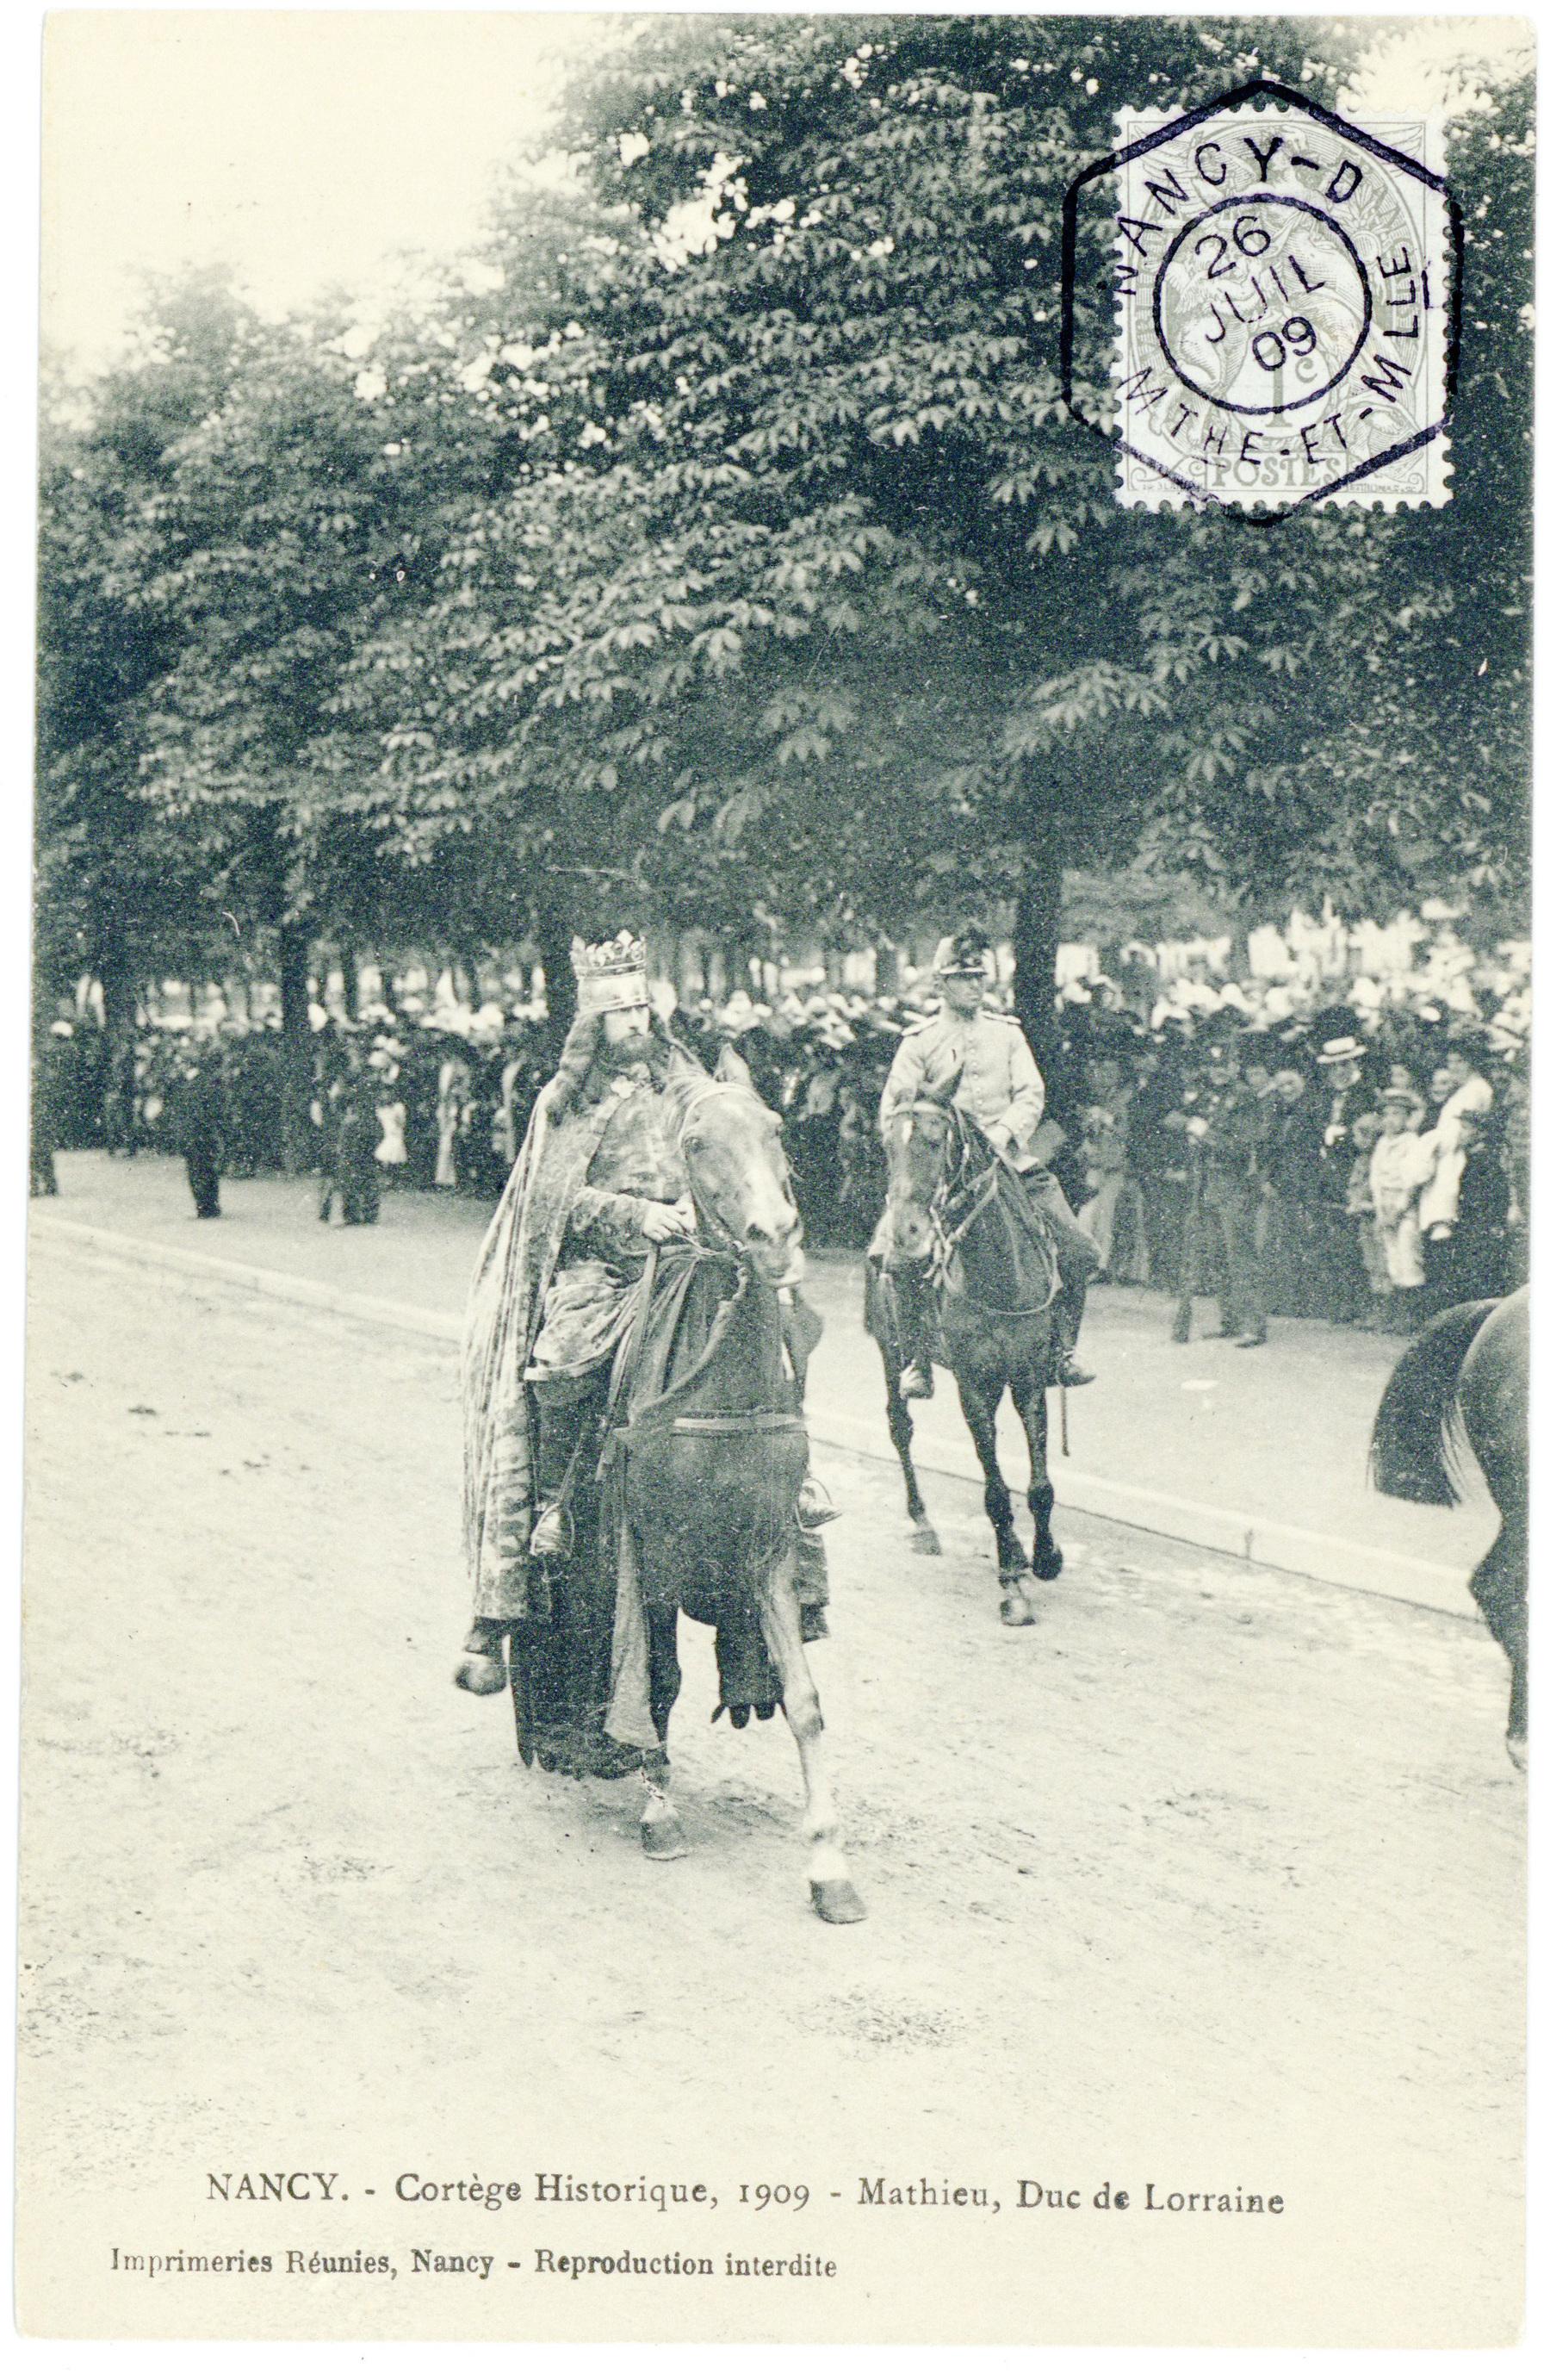 Contenu du Mathieu, Duc de Lorraine  Nancy. - Cortège Historique, 1909